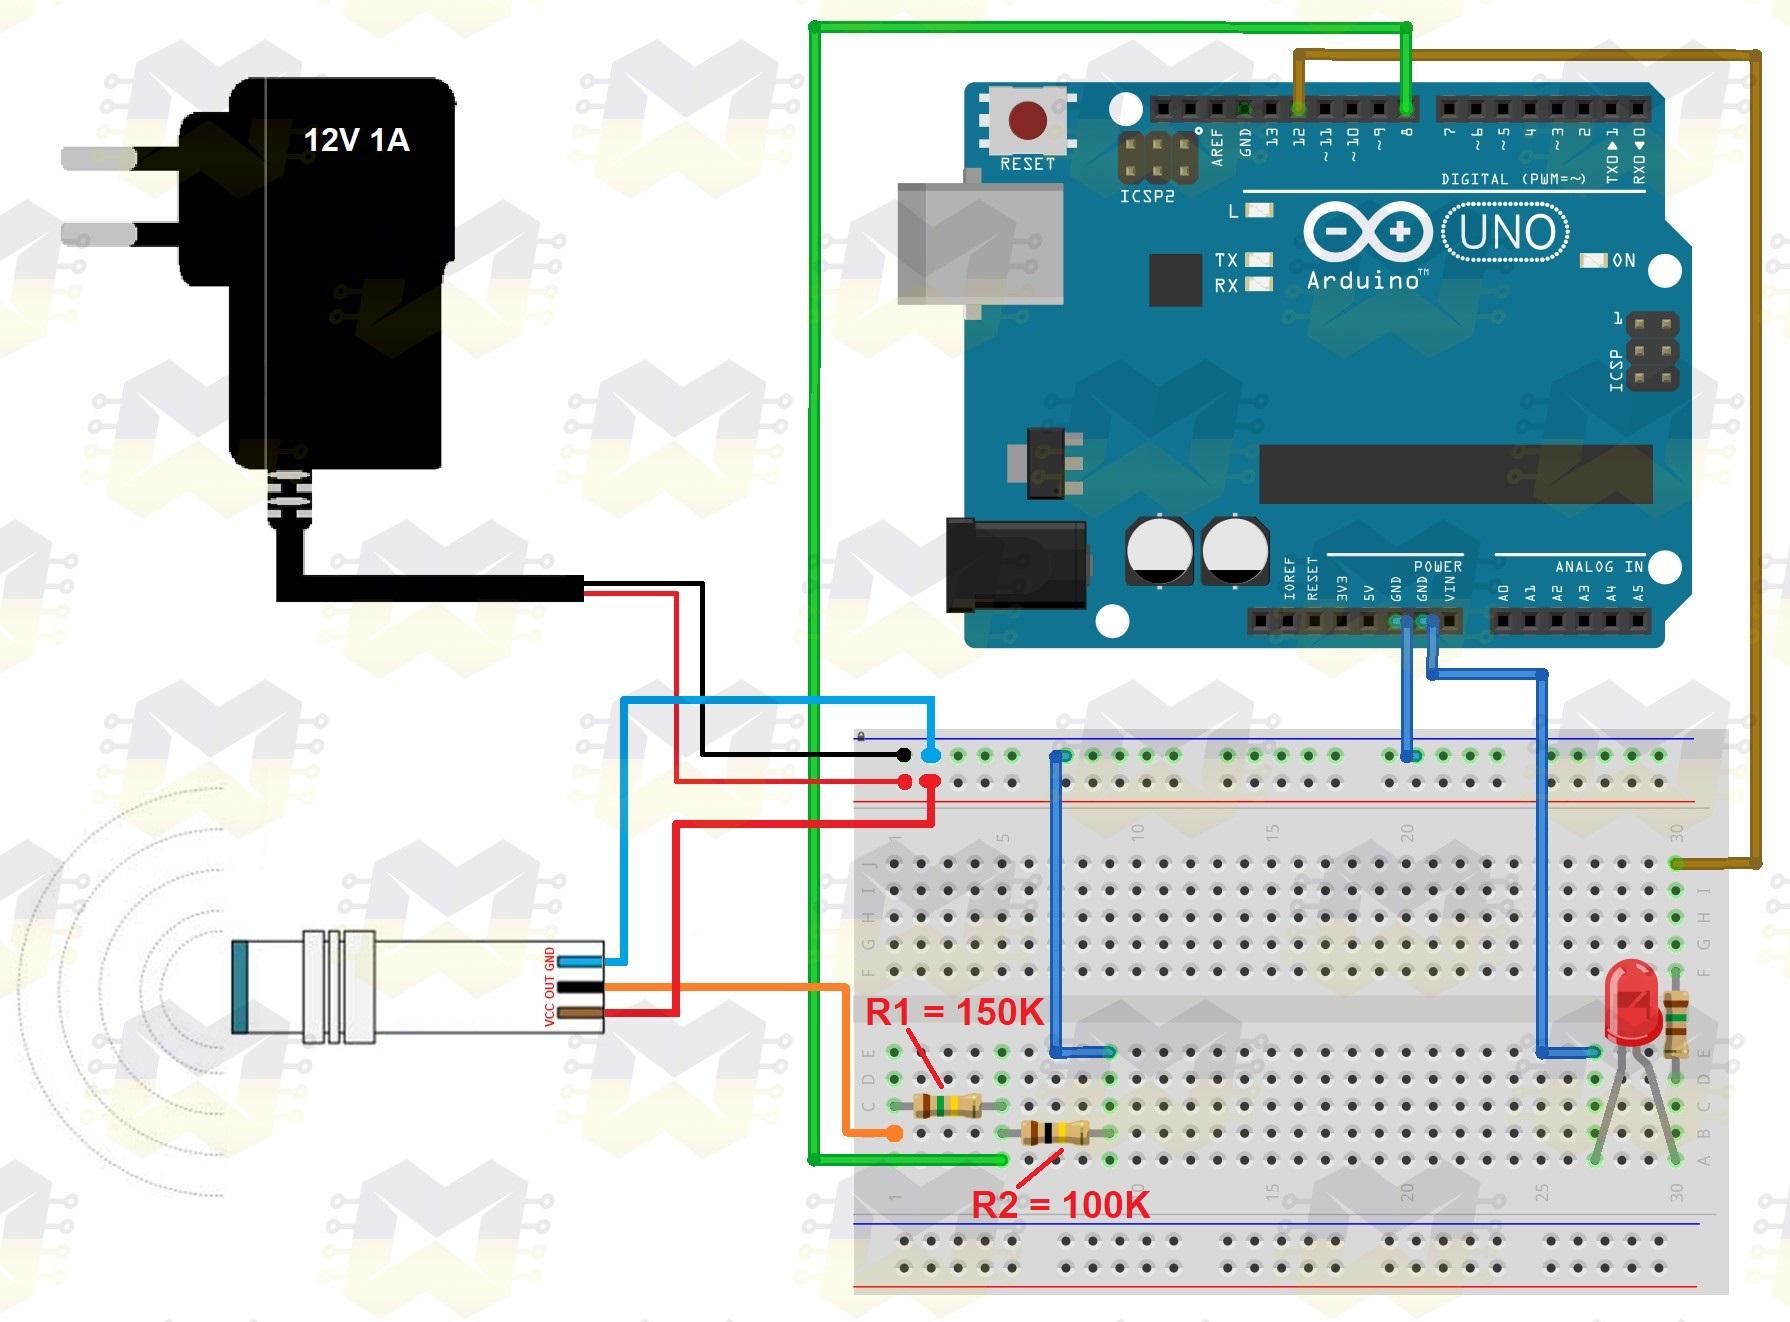 img01_como_usar_com_arduino_sensor_indutivo_npn_de_proximidade_lj12a3-4-z-bx_uno_divisor